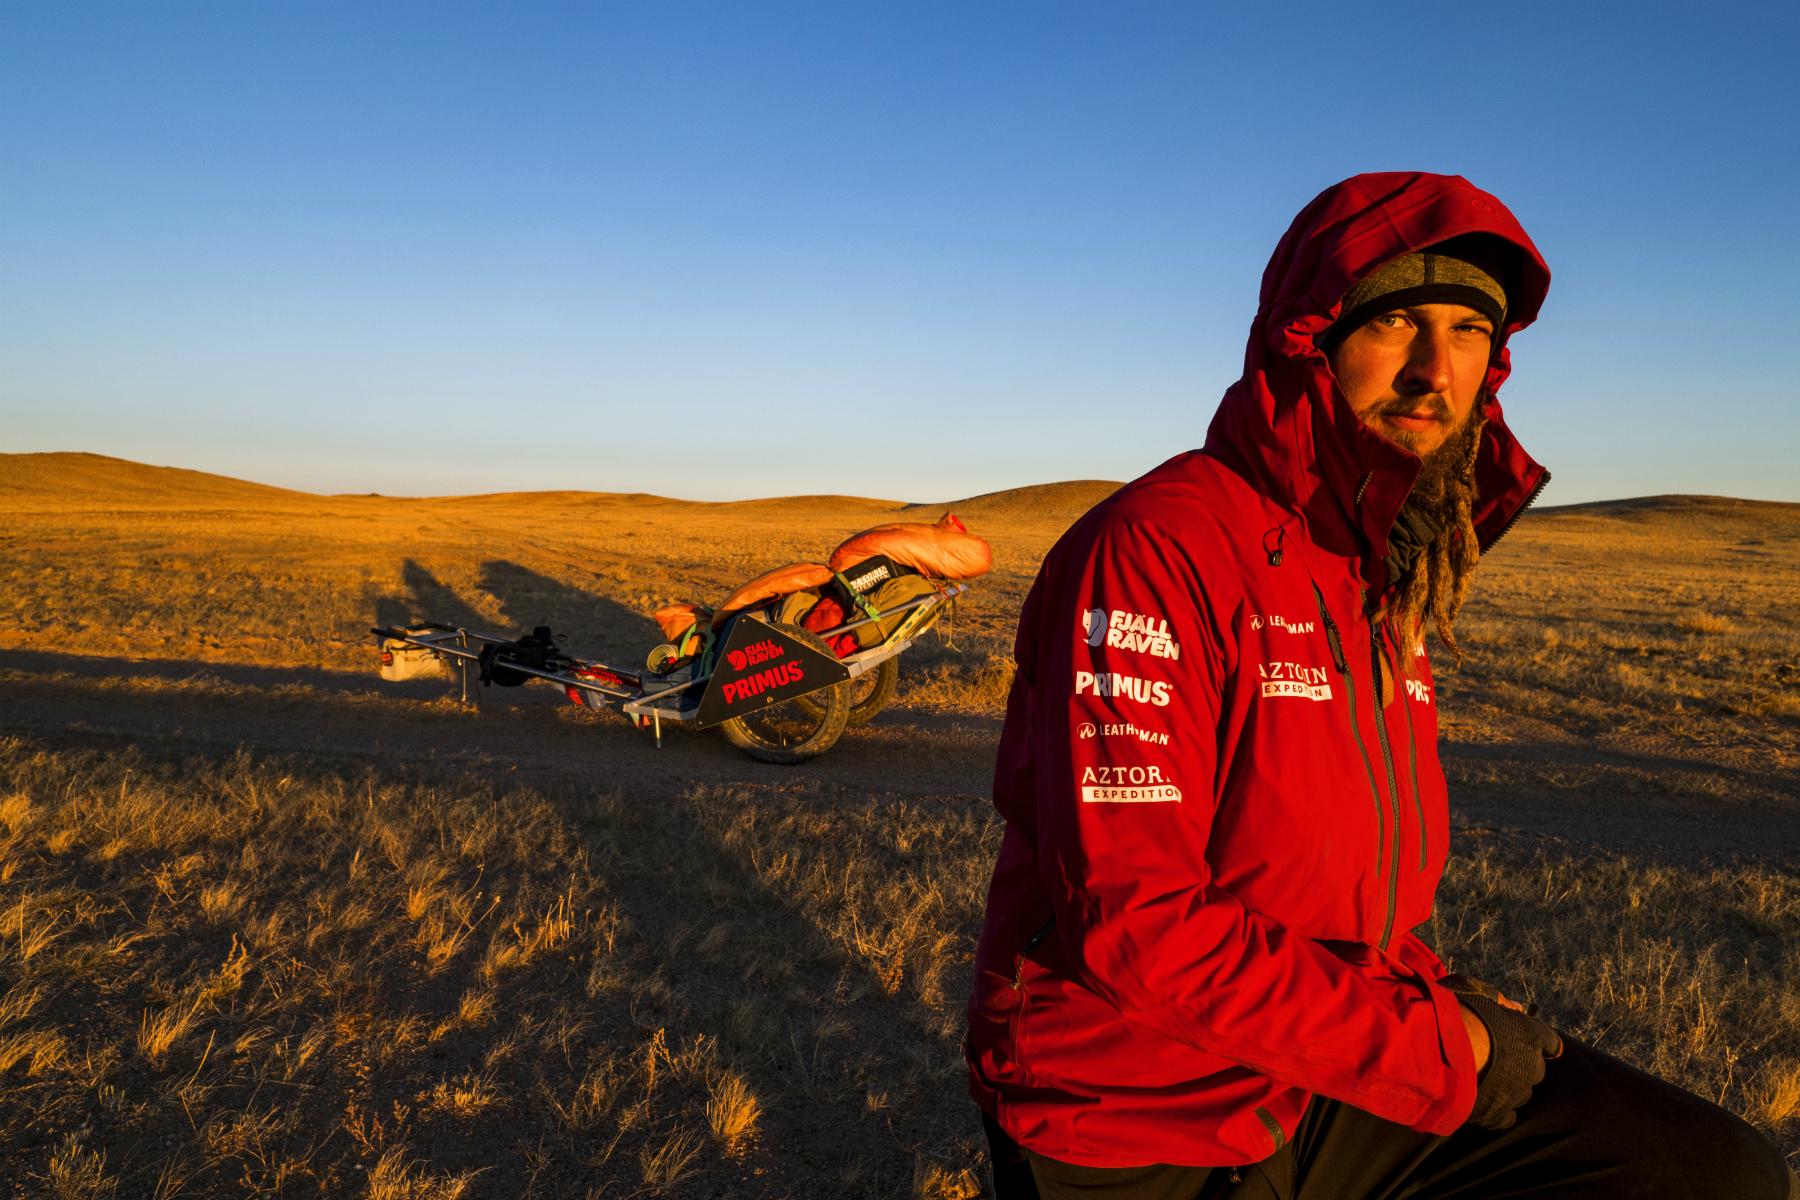 Zanim wyruszył w wyprawę po pustymi Gobi, przeszedł boliwijską Salar de Uyuni, największą pustynię solną na świecie (fot: archiwum prywatne)